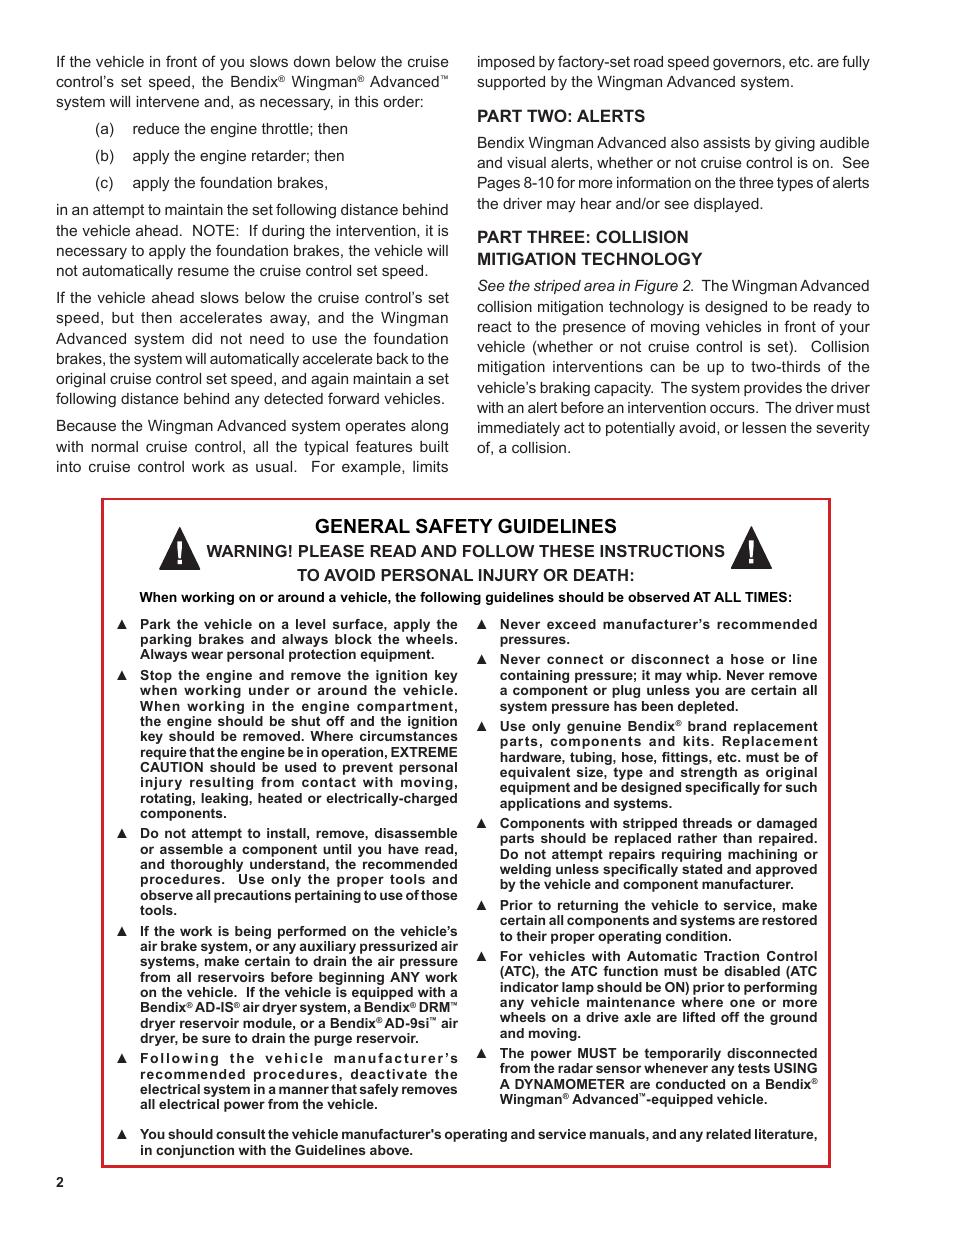 Bendix wingman service manual